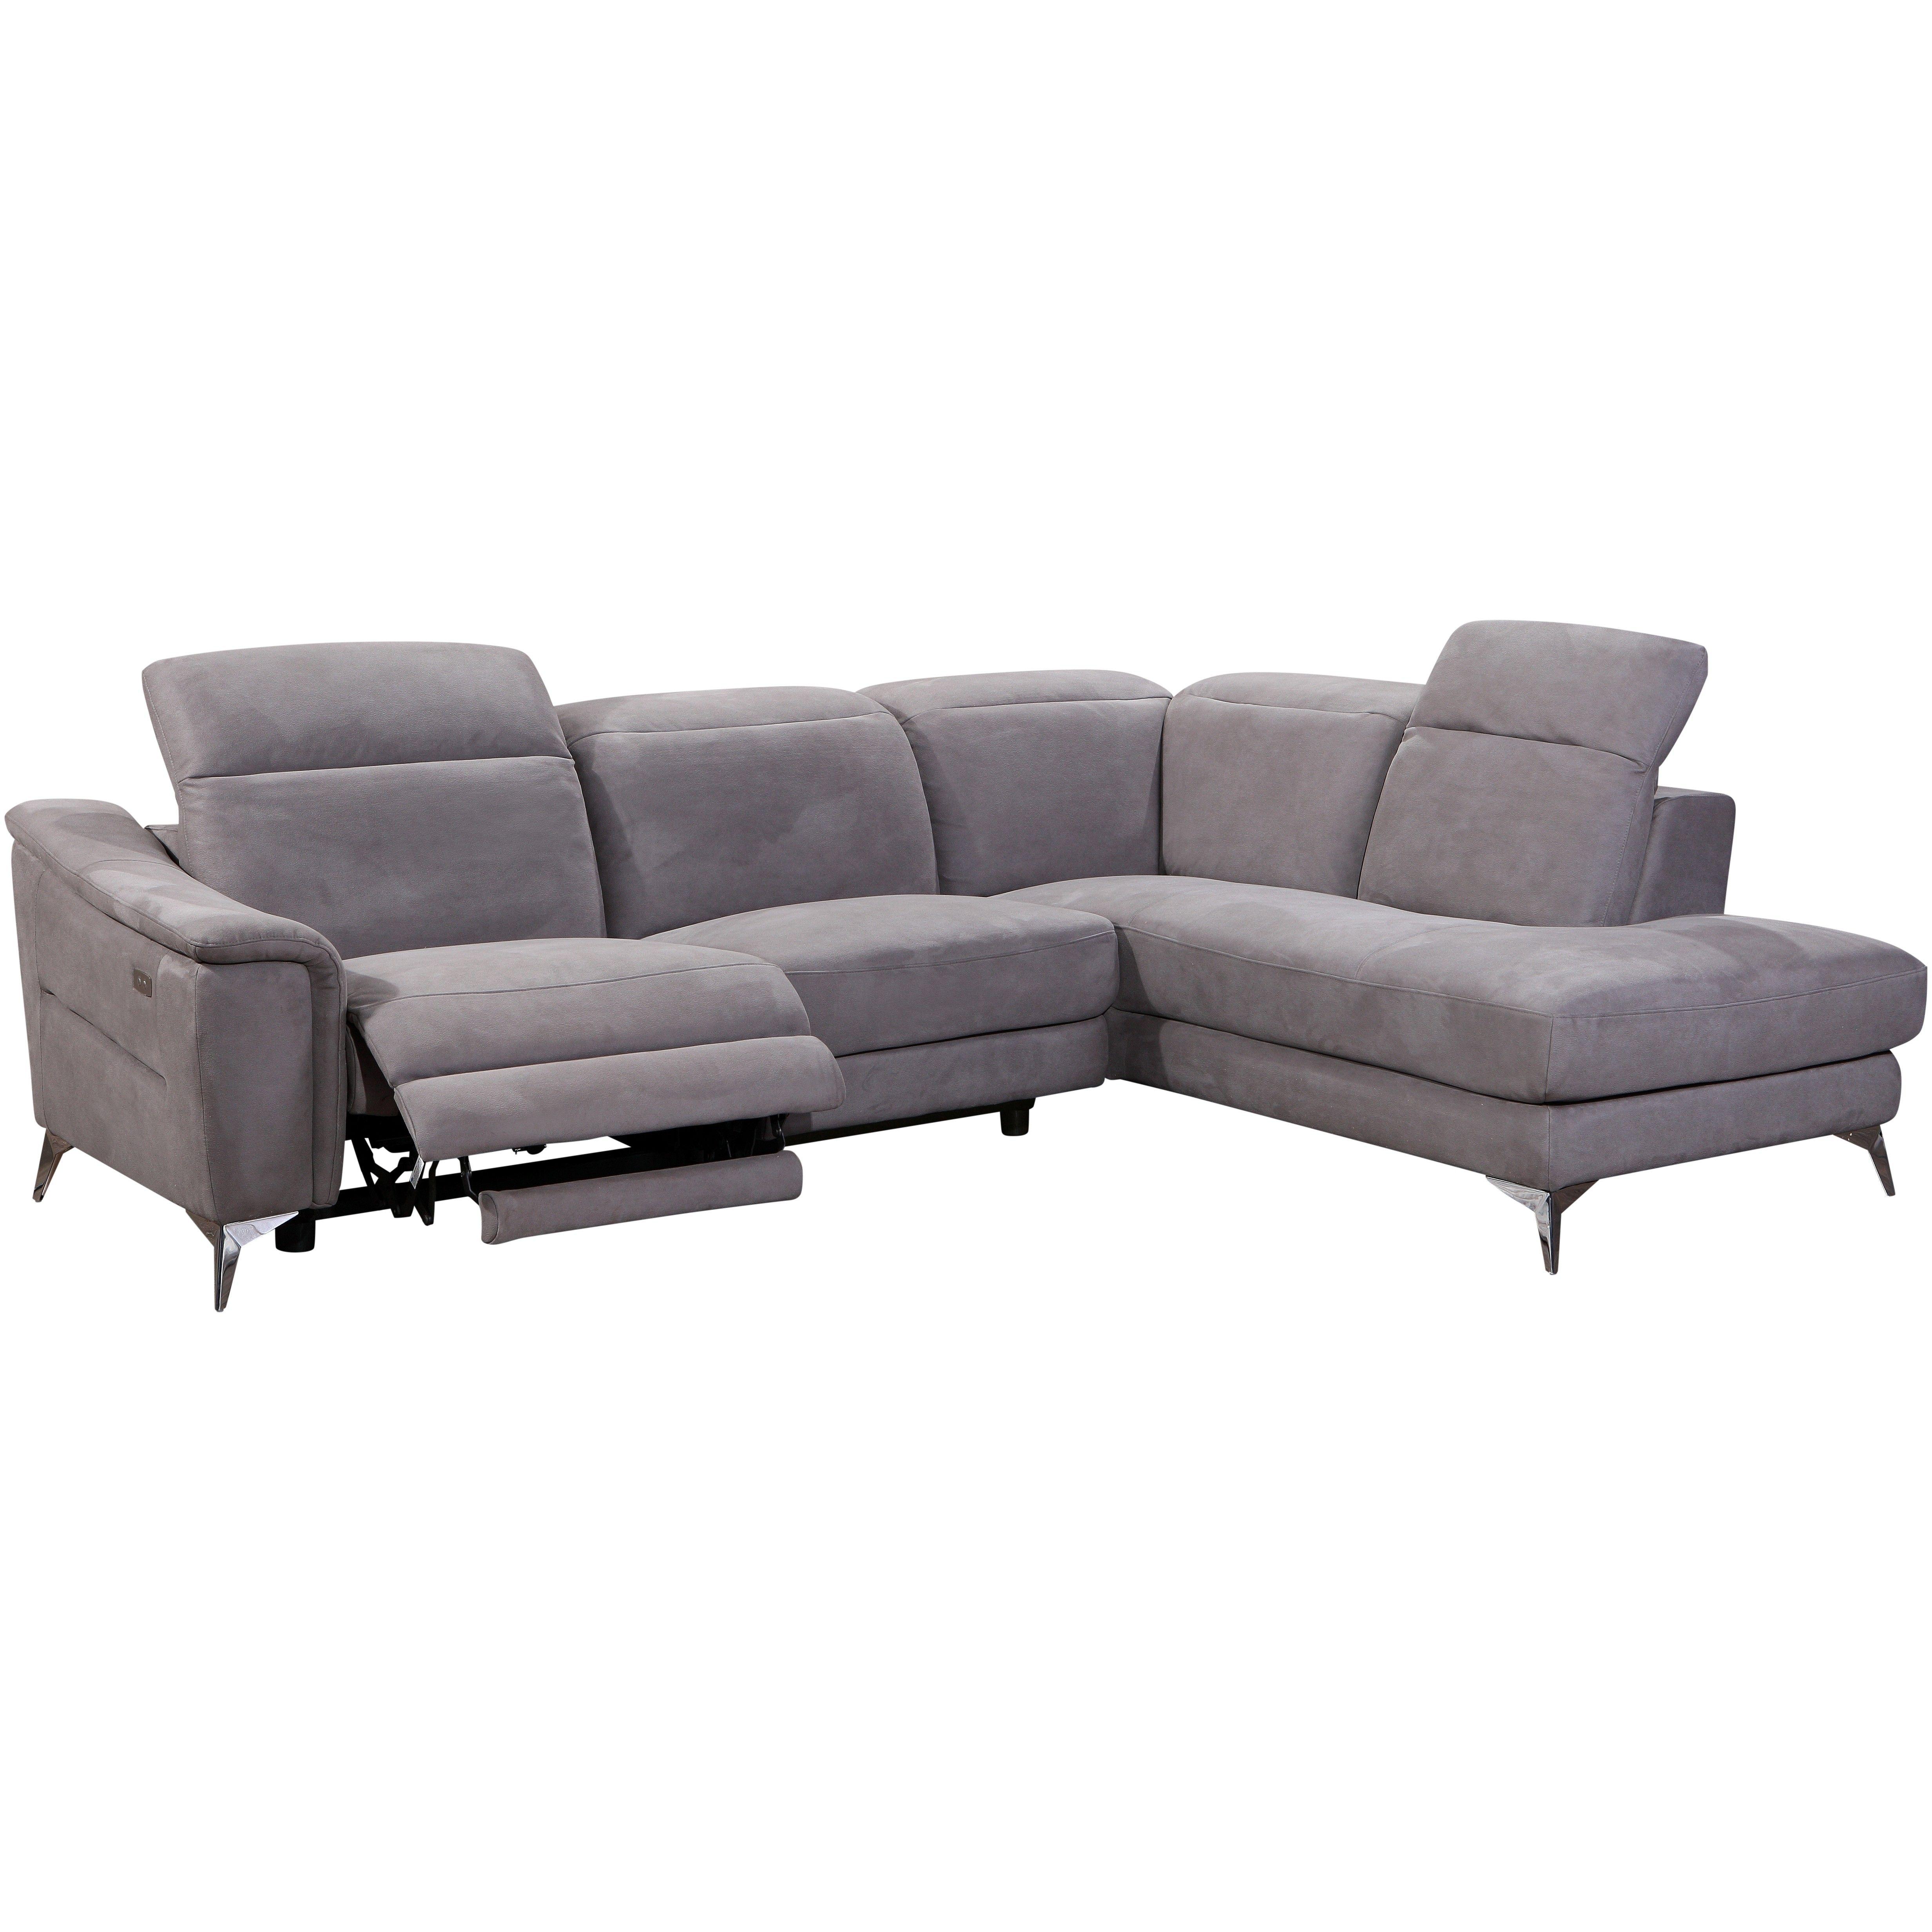 H Et H Canapé canapé d'angle novara avec fauteuil relax à gauche